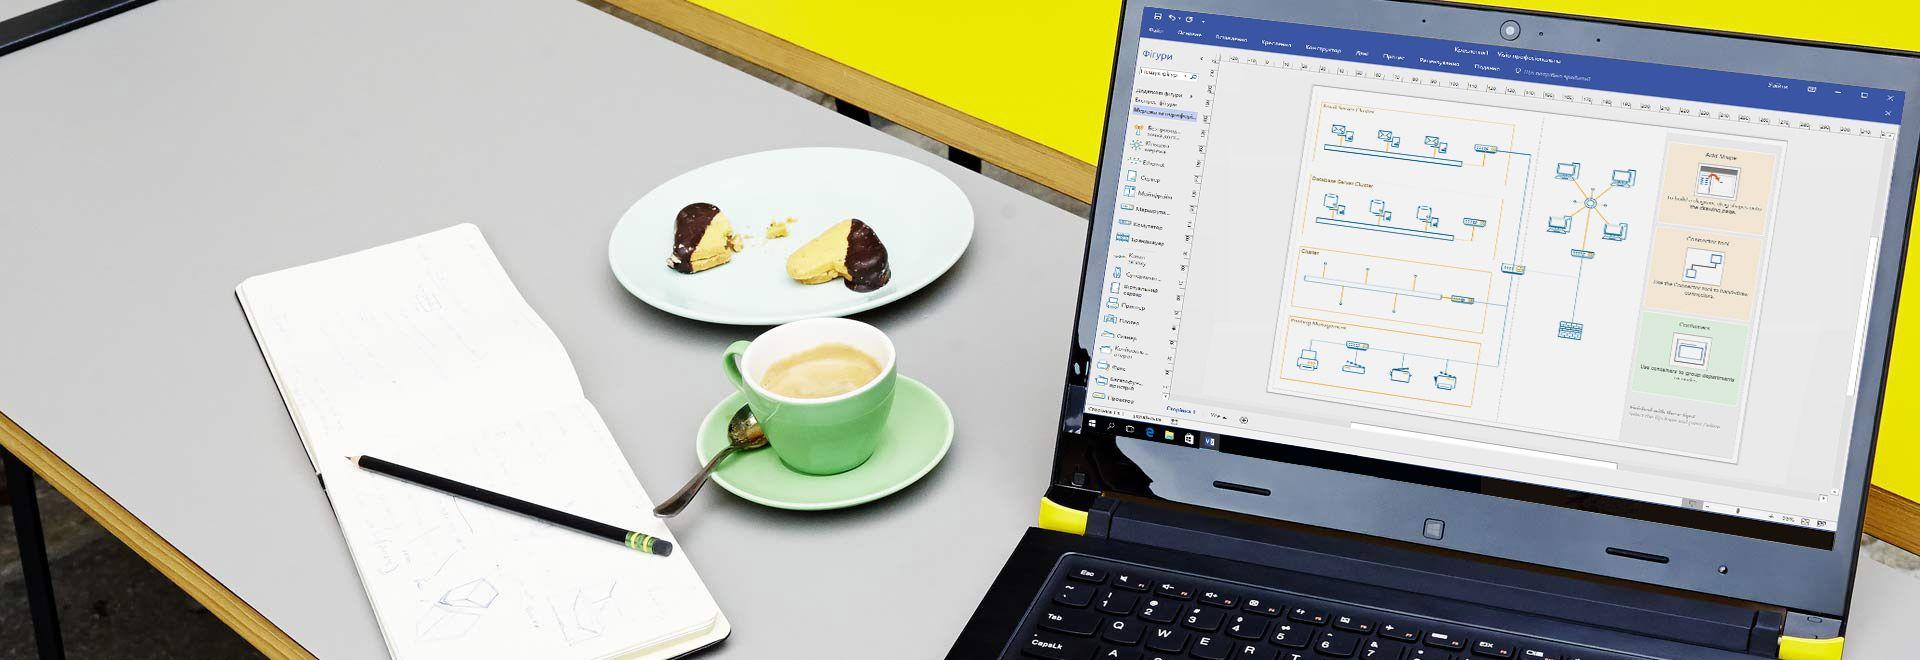 На столі стоїть ноутбук, на якому показано схему Visio зі стрічкою та областю редагування